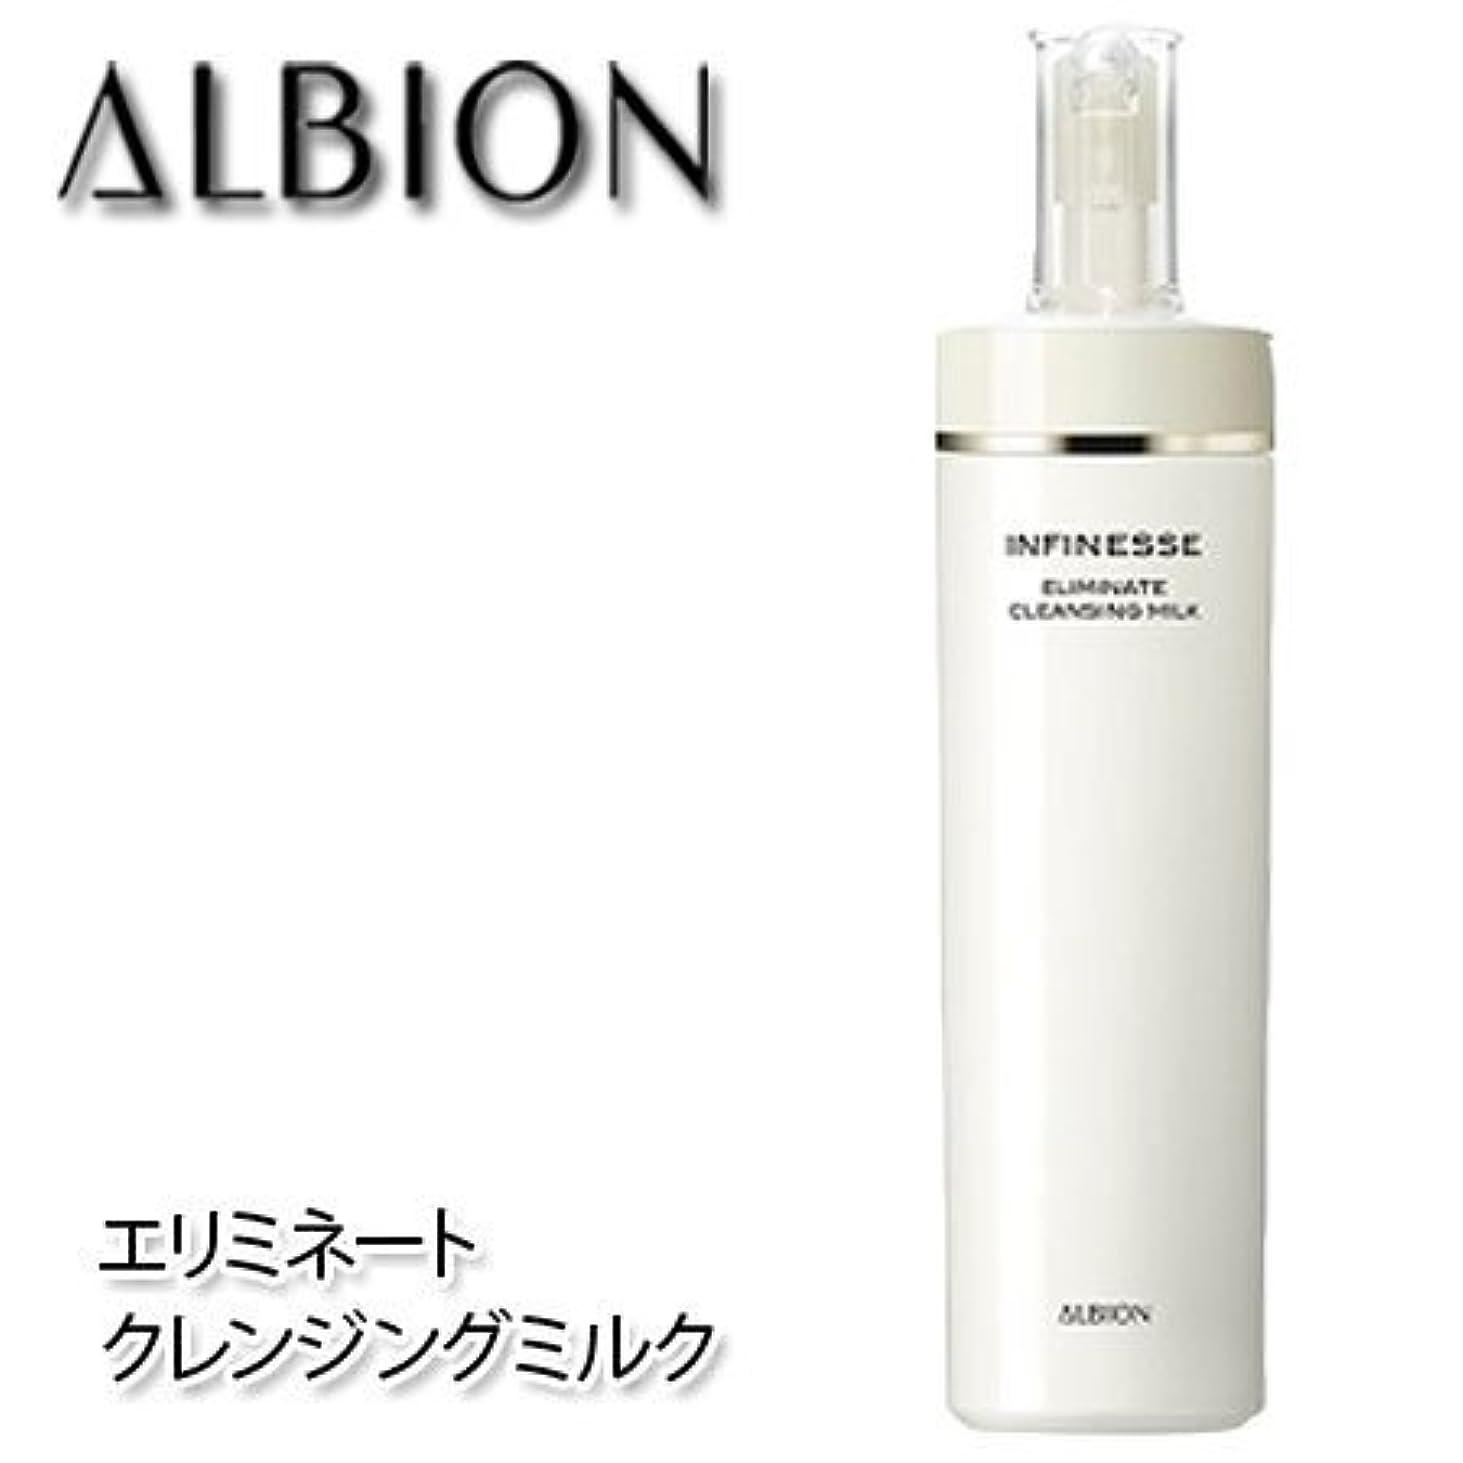 スパンイヤホン漏れアルビオン アンフィネス エリミネート クレンジングミルク 200g-ALBION-